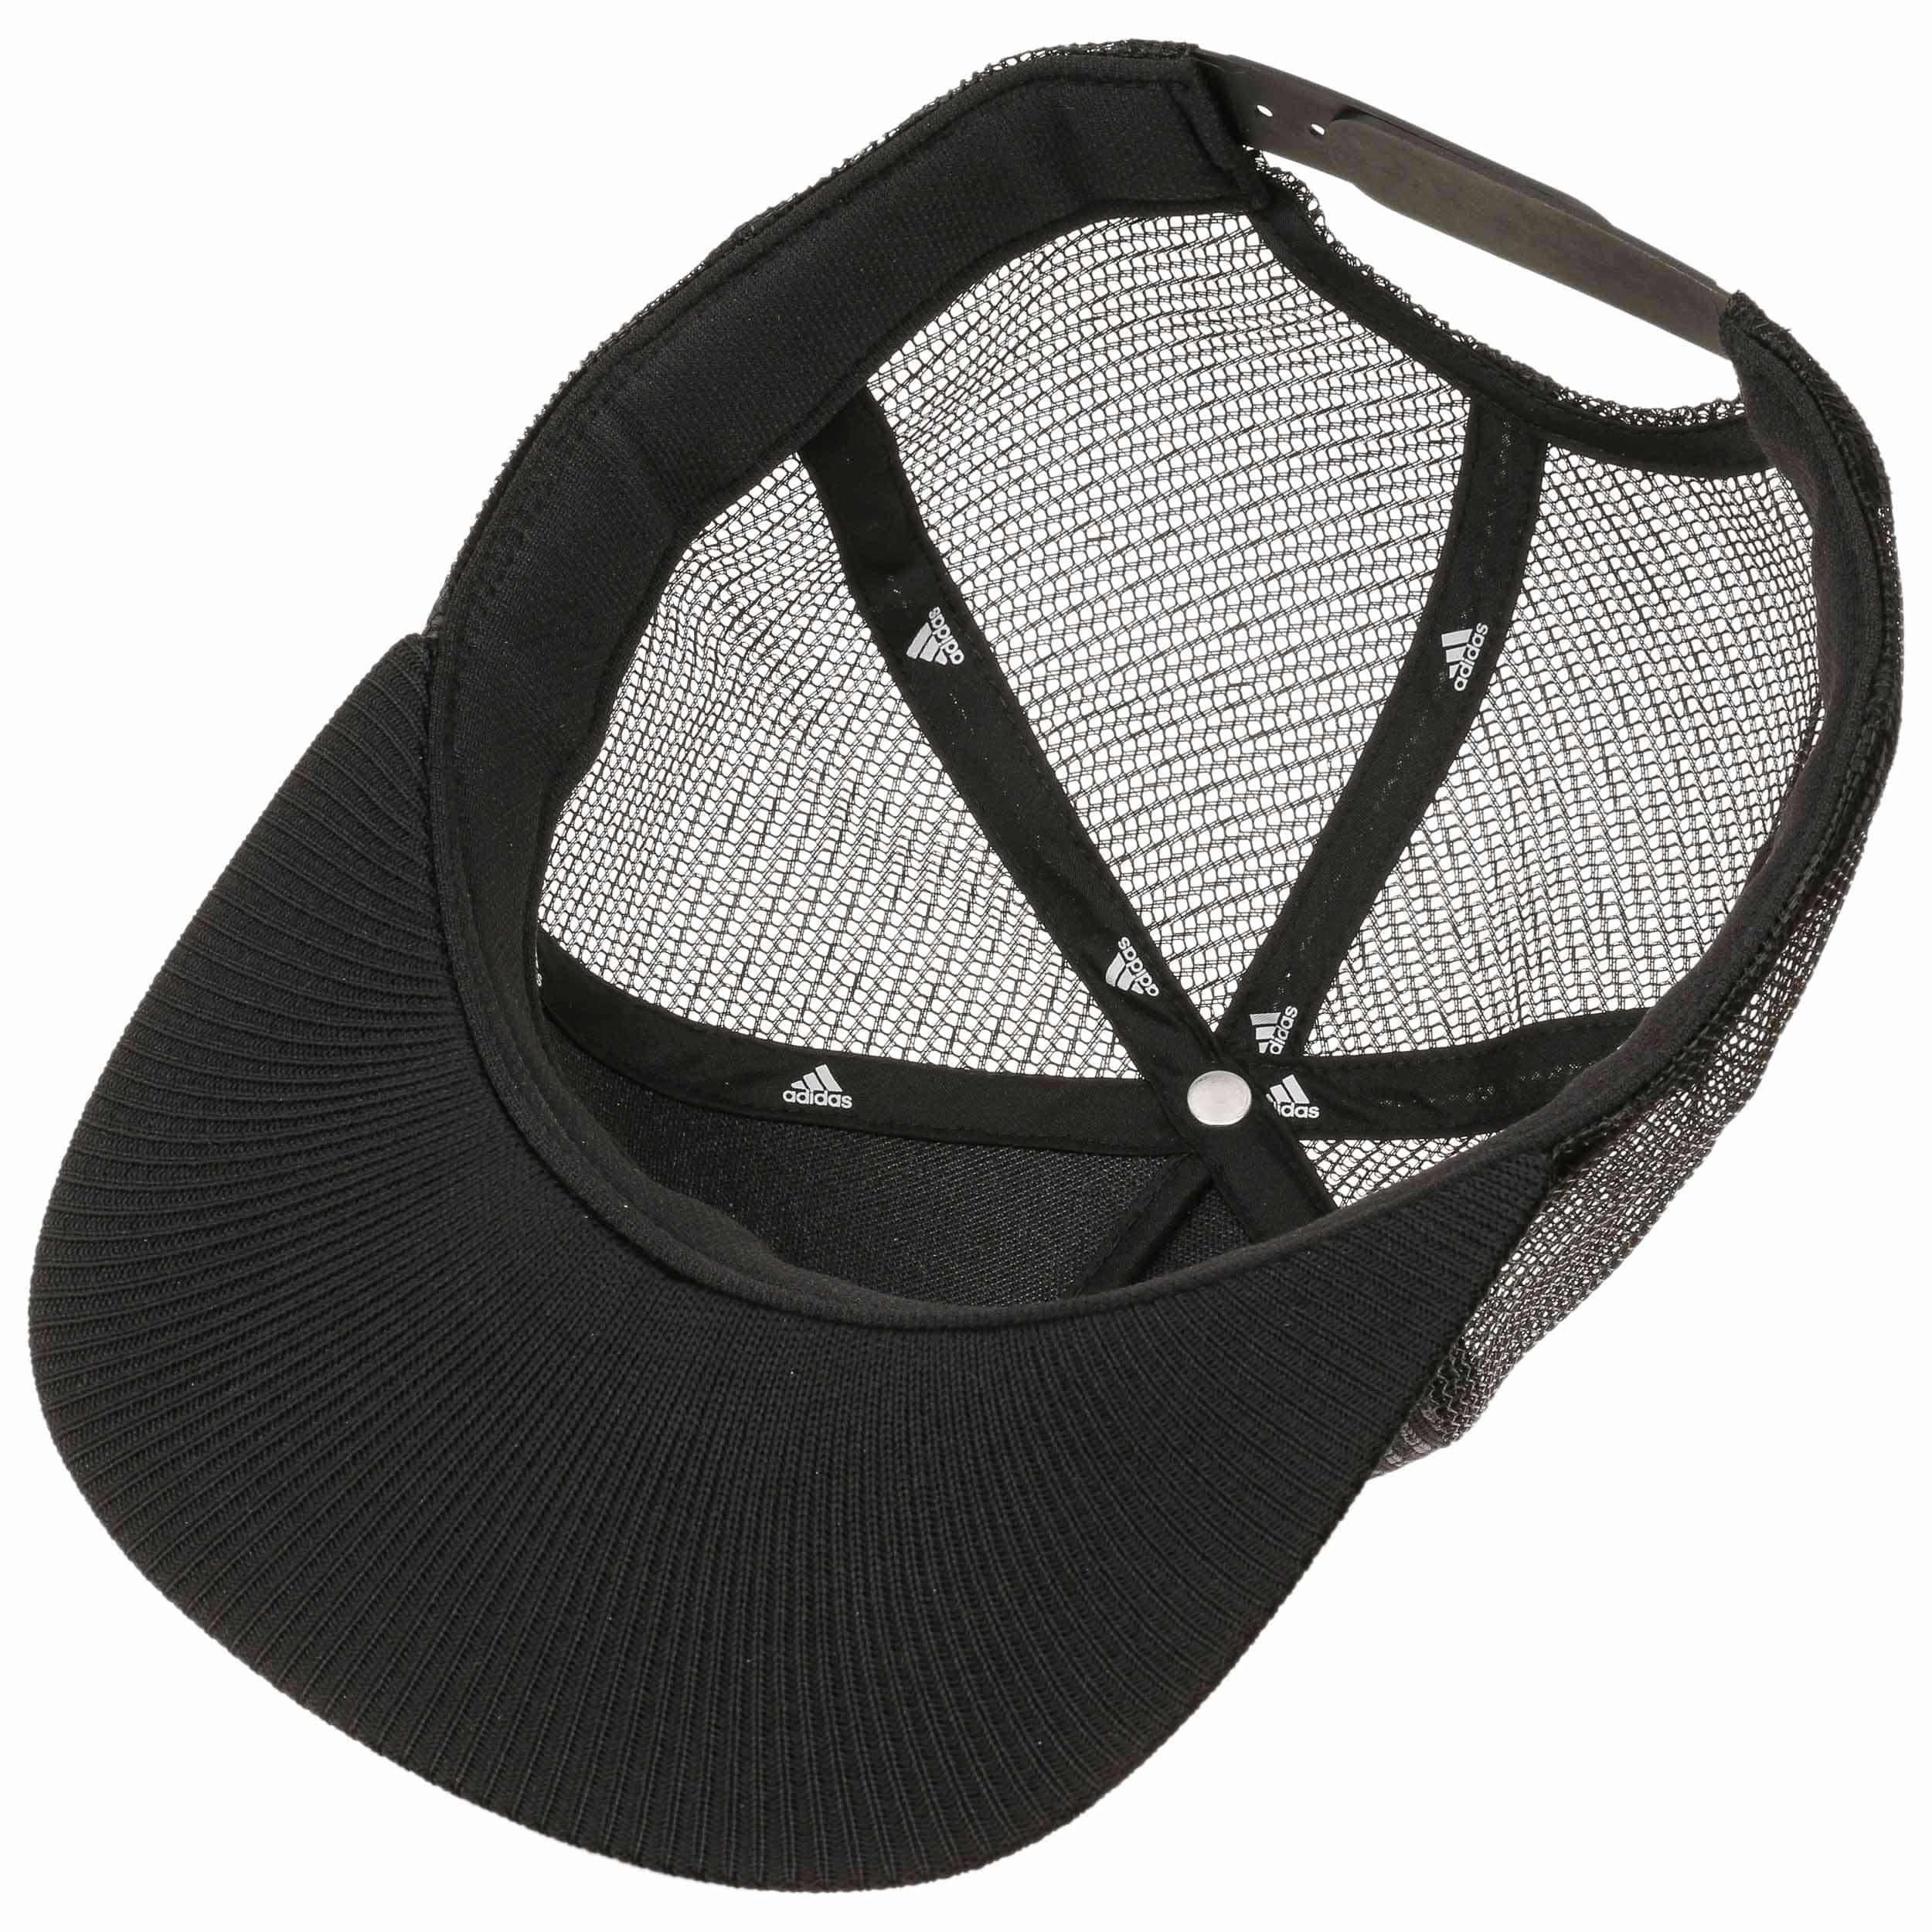 release info on aliexpress pretty nice buy>adidas trucker hat